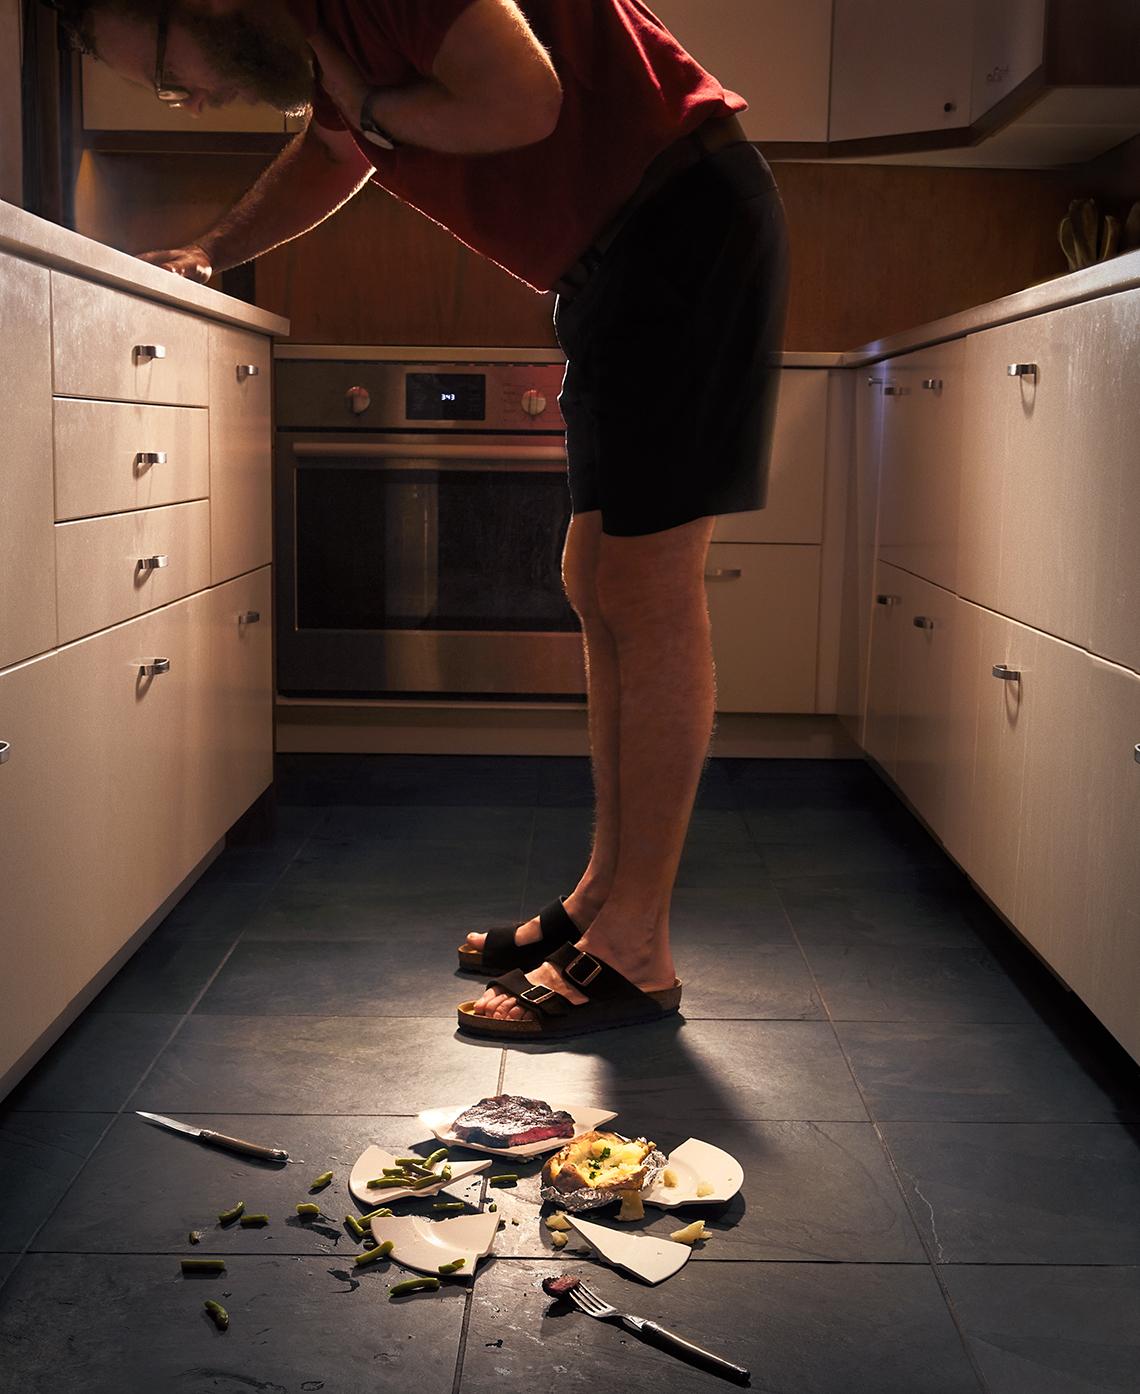 Hombre en su cocina se asfixia con comida